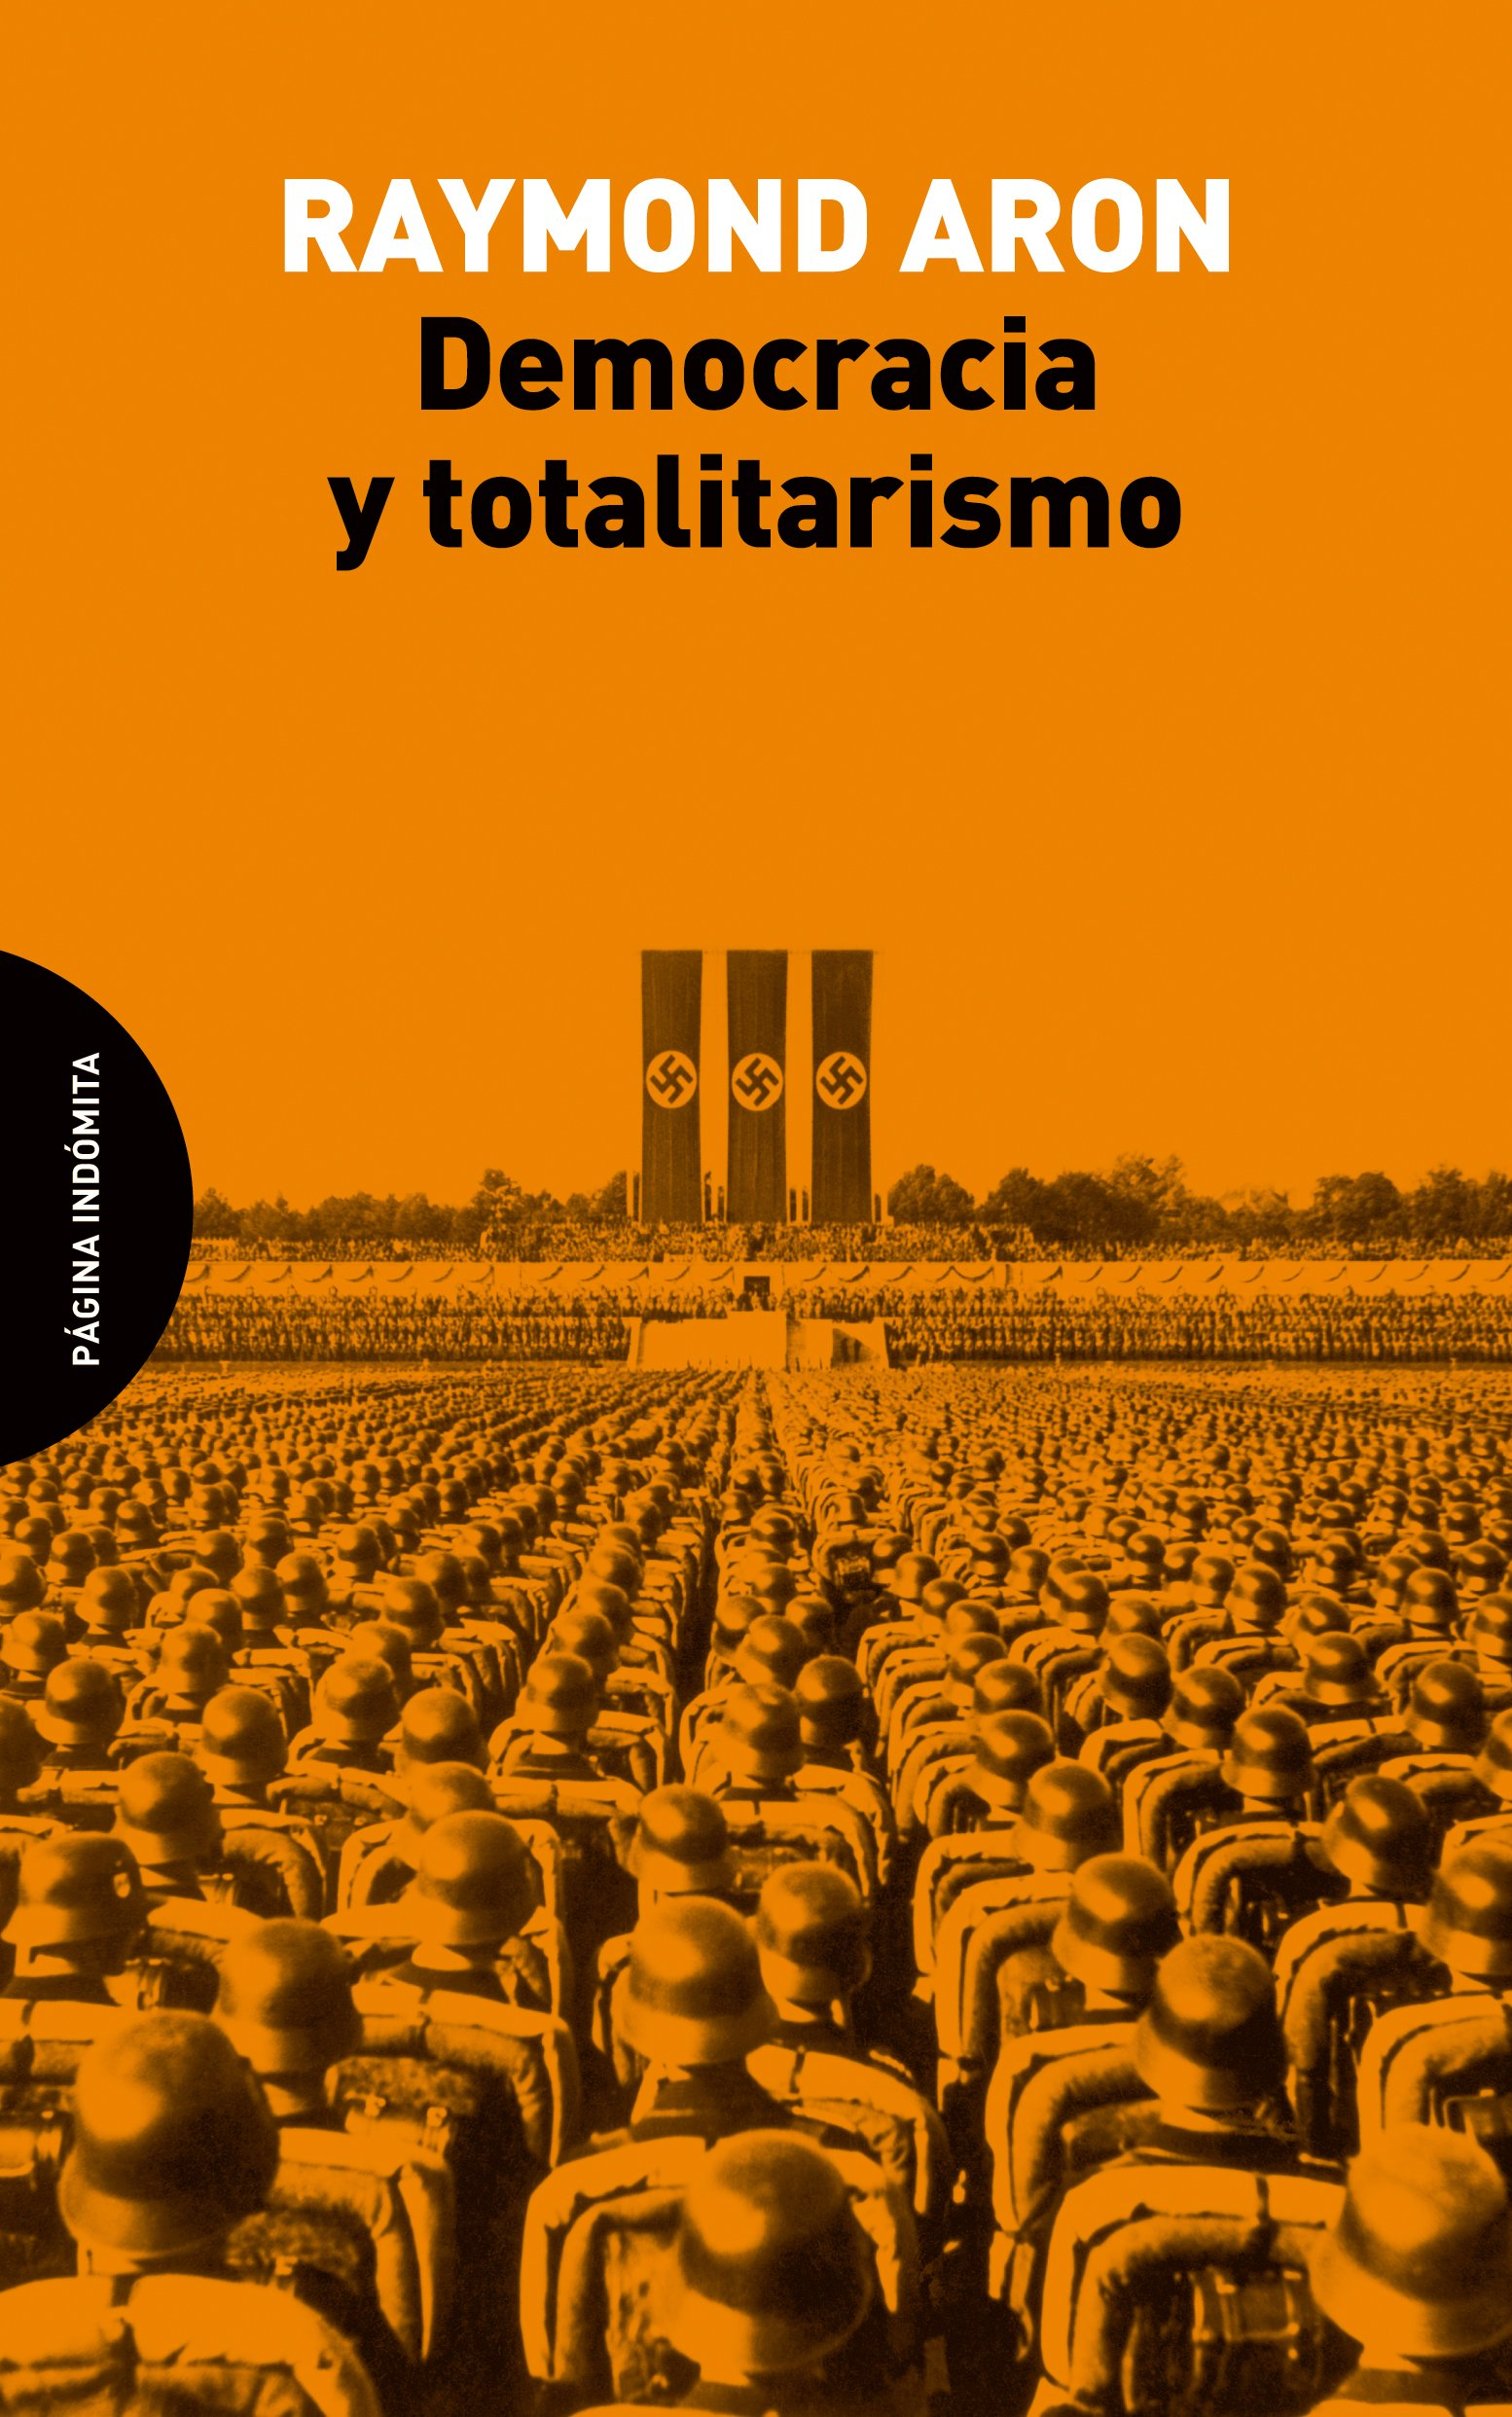 Democracia y totalitarismo: Amazon.es: Raymond Aron, Luis González Castro: Libros